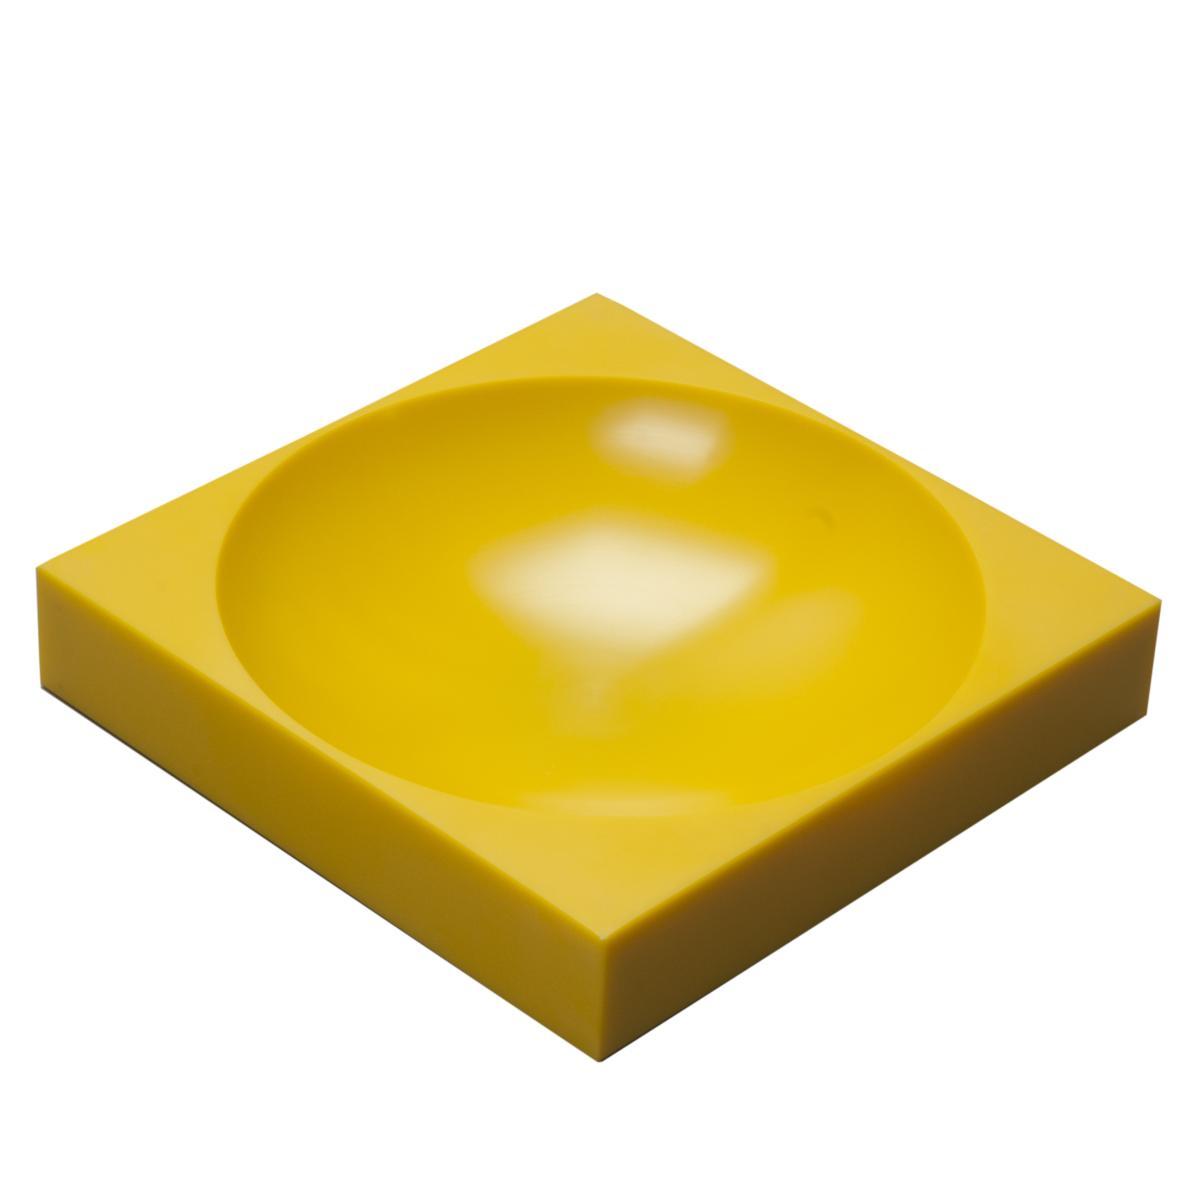 farmer-block Schalen mit Magnet, Modul 1, Isamal Gelb